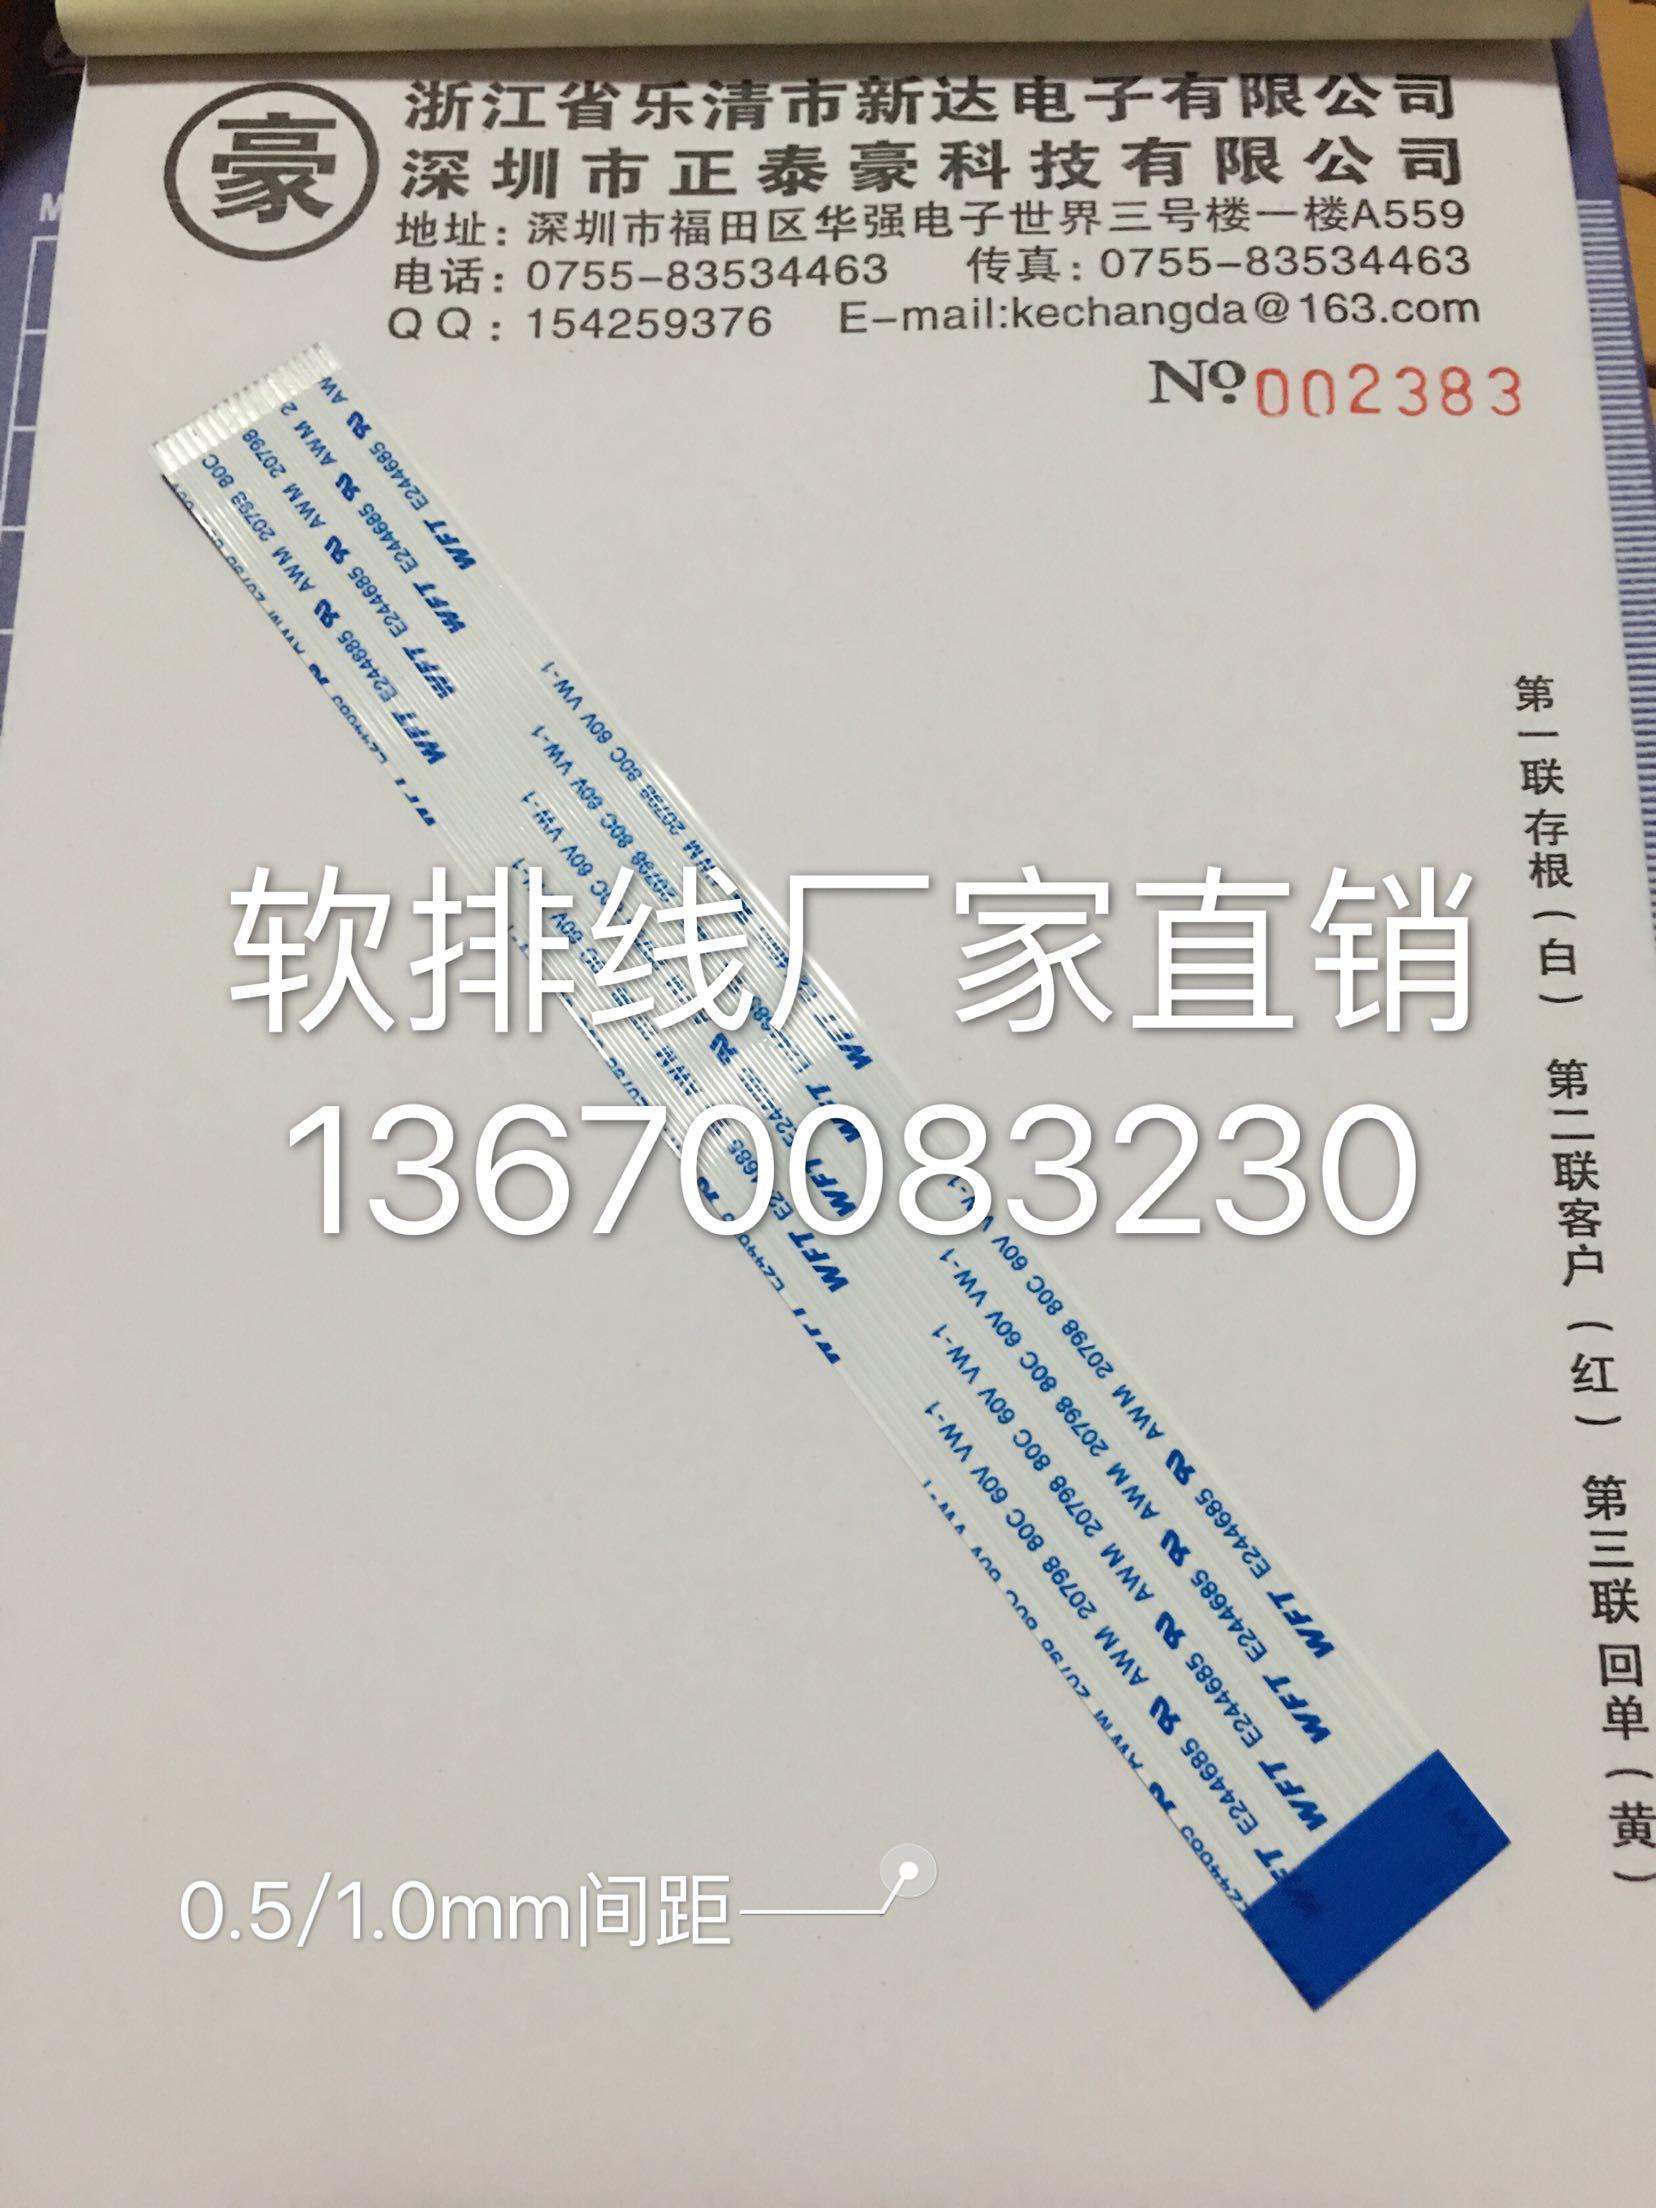 0.5/1.0/1.25mm расстояние FFC/FPC мягкий кабель , мягкий ряд сидений положительный положительный / положительный и отрицательный поверхность 4-80P